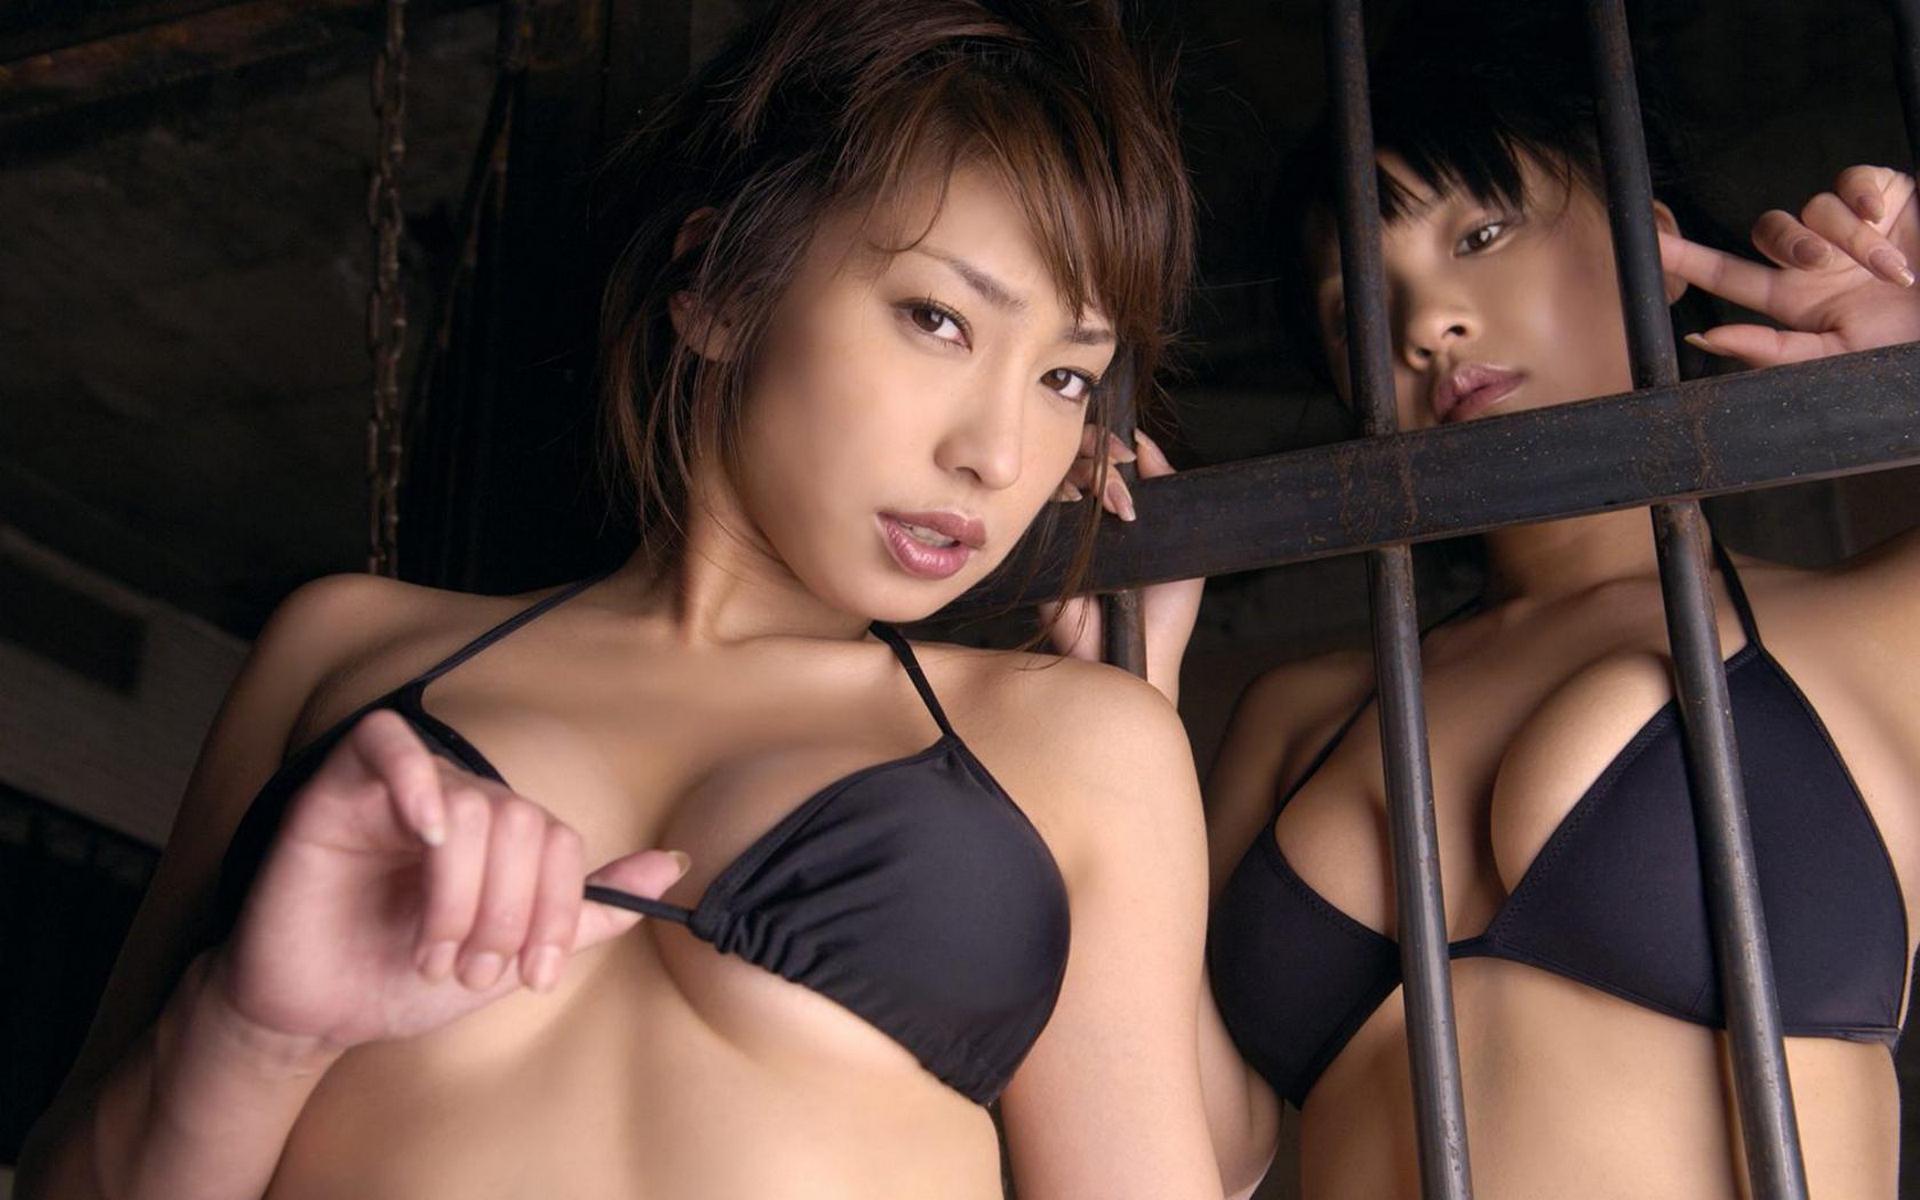 Девушки секс видео сиськи японские серебро порно